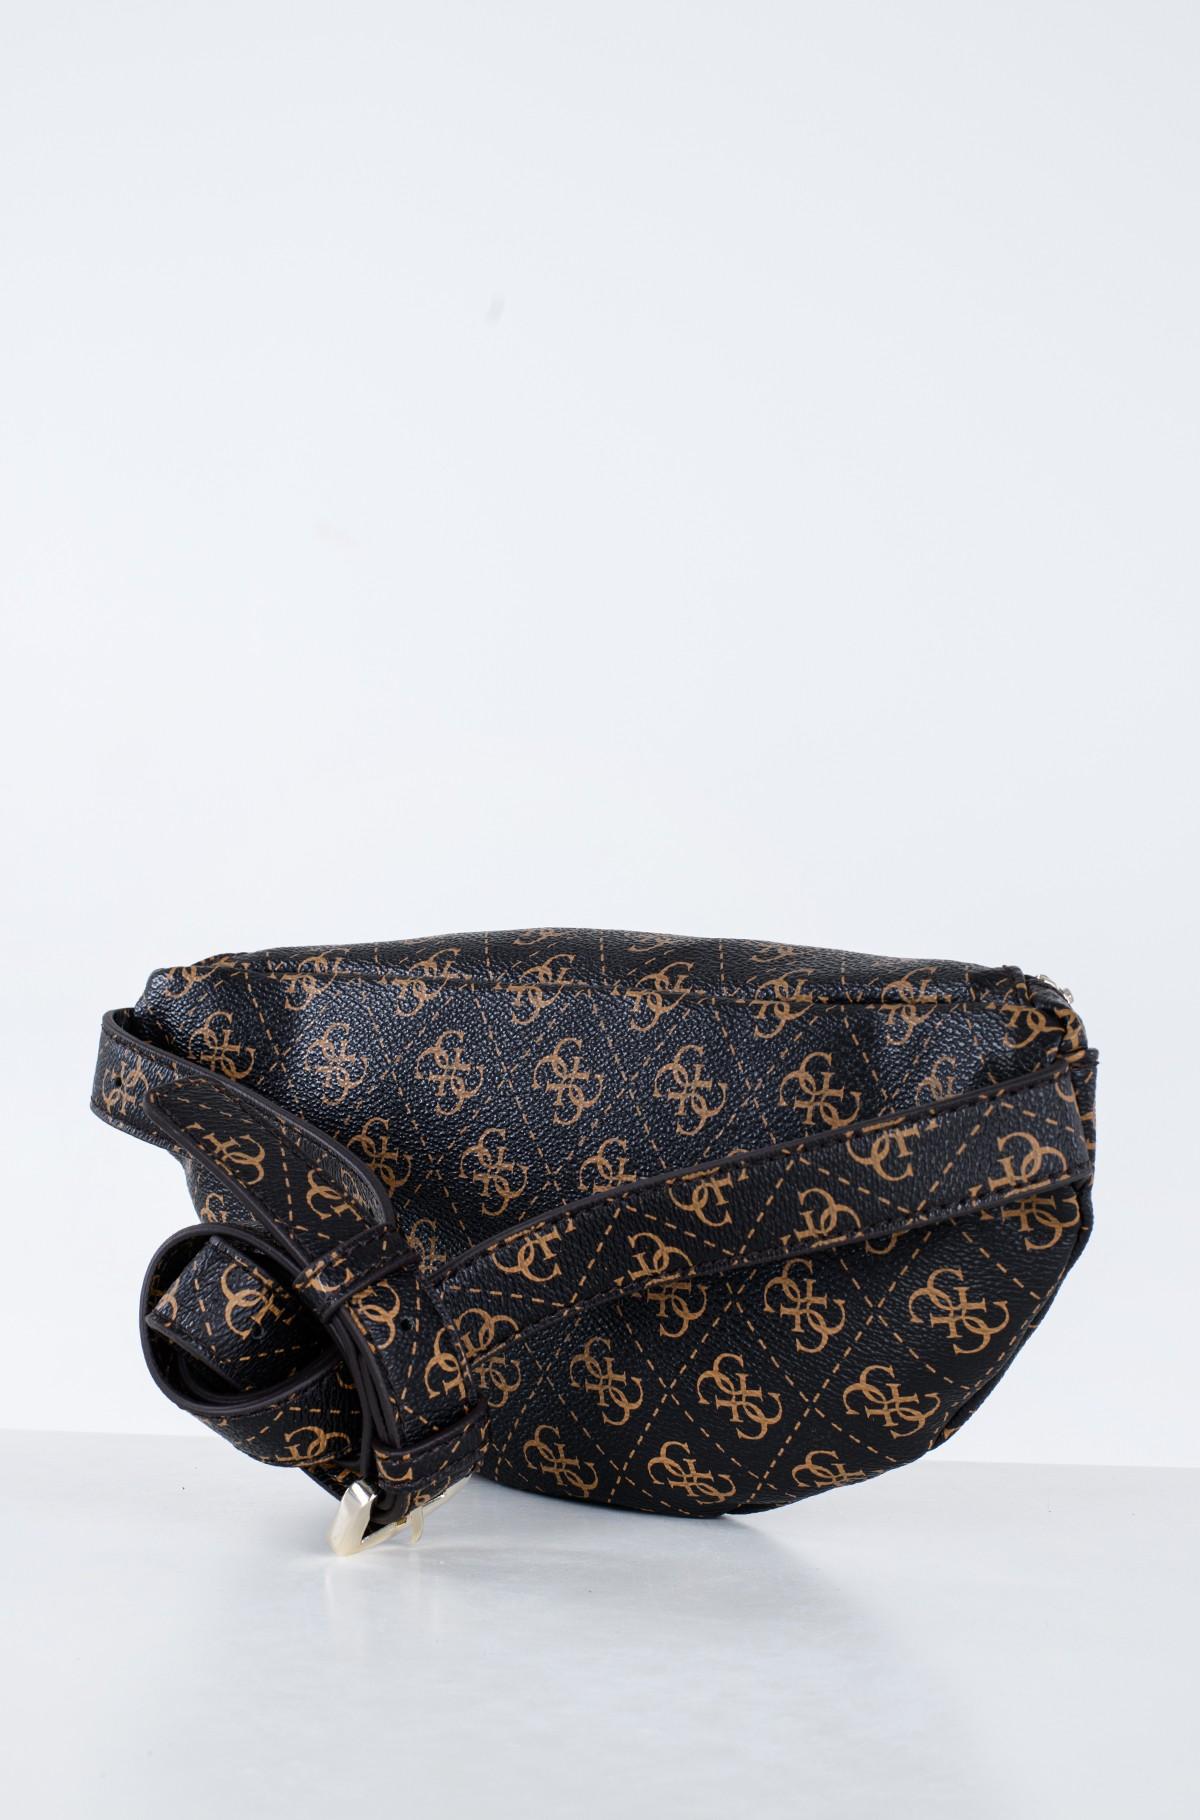 Bum bag HWQL69 94800-full-3